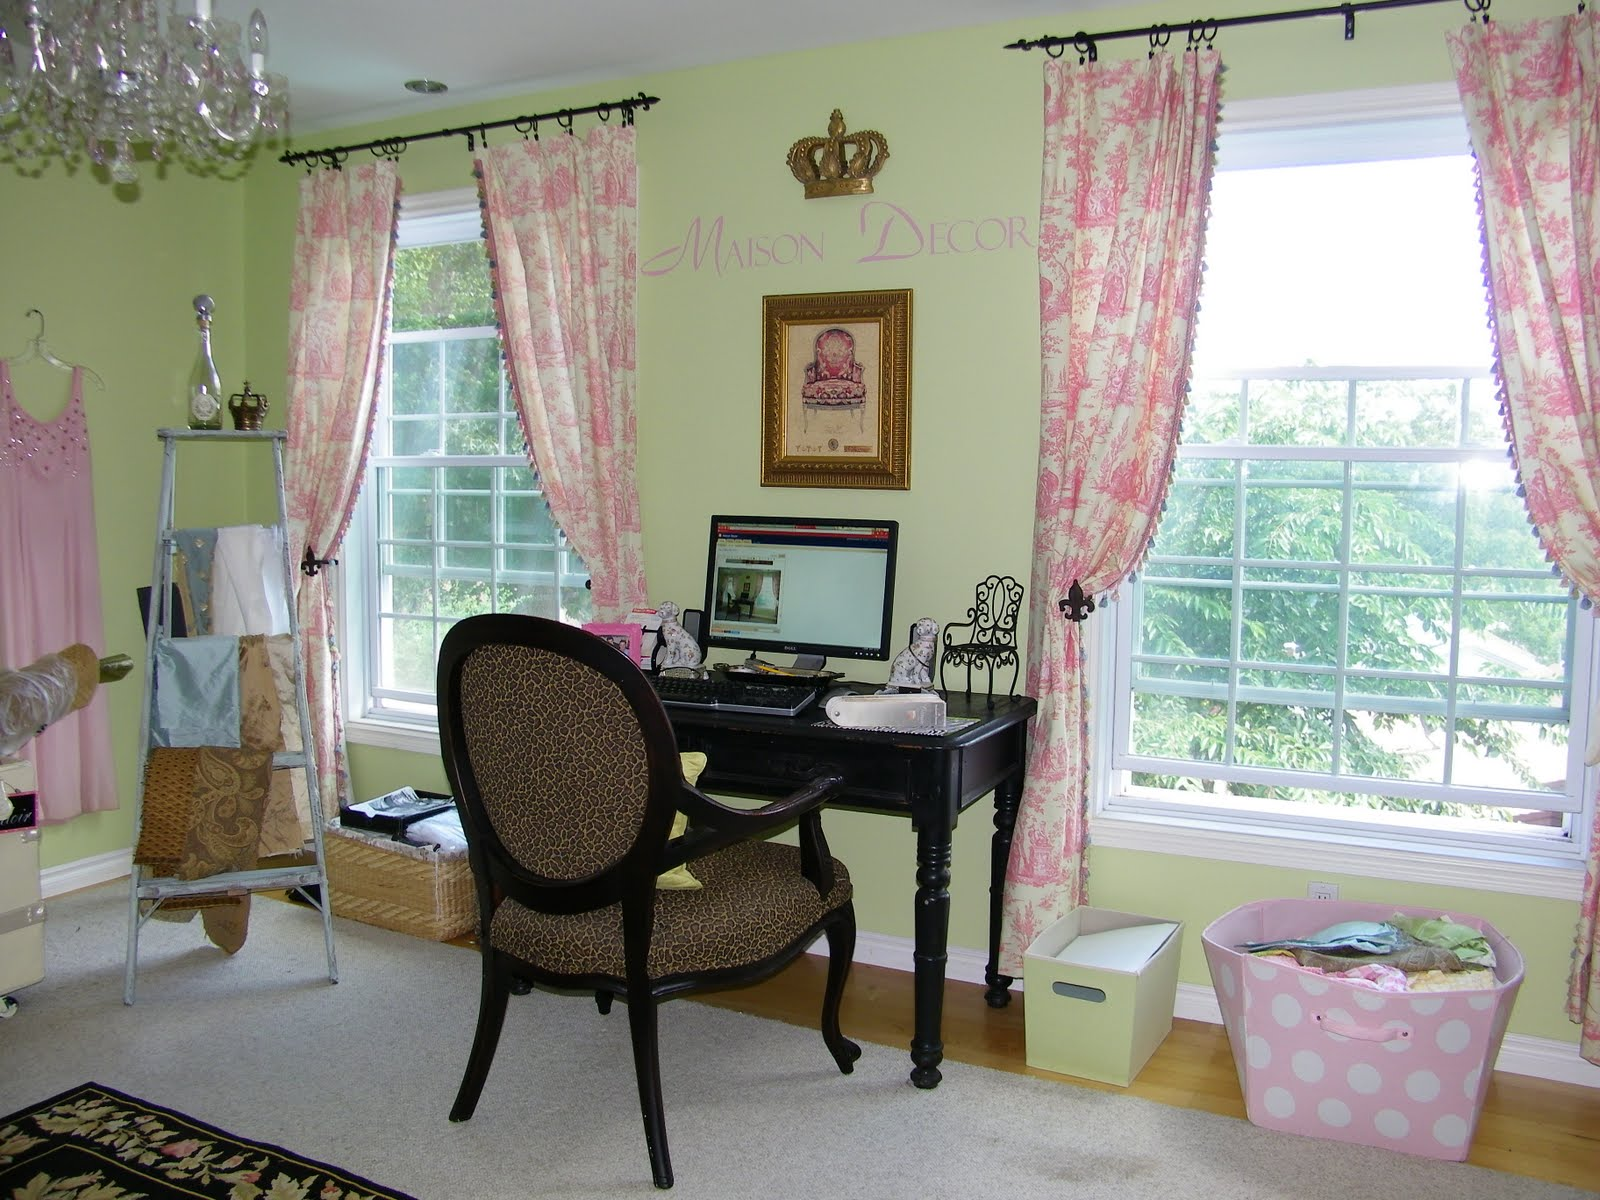 Marie Antoinette Inspired Bedroom Maison Decor Marie Antoinette Meets Maison Decor In New Home Office